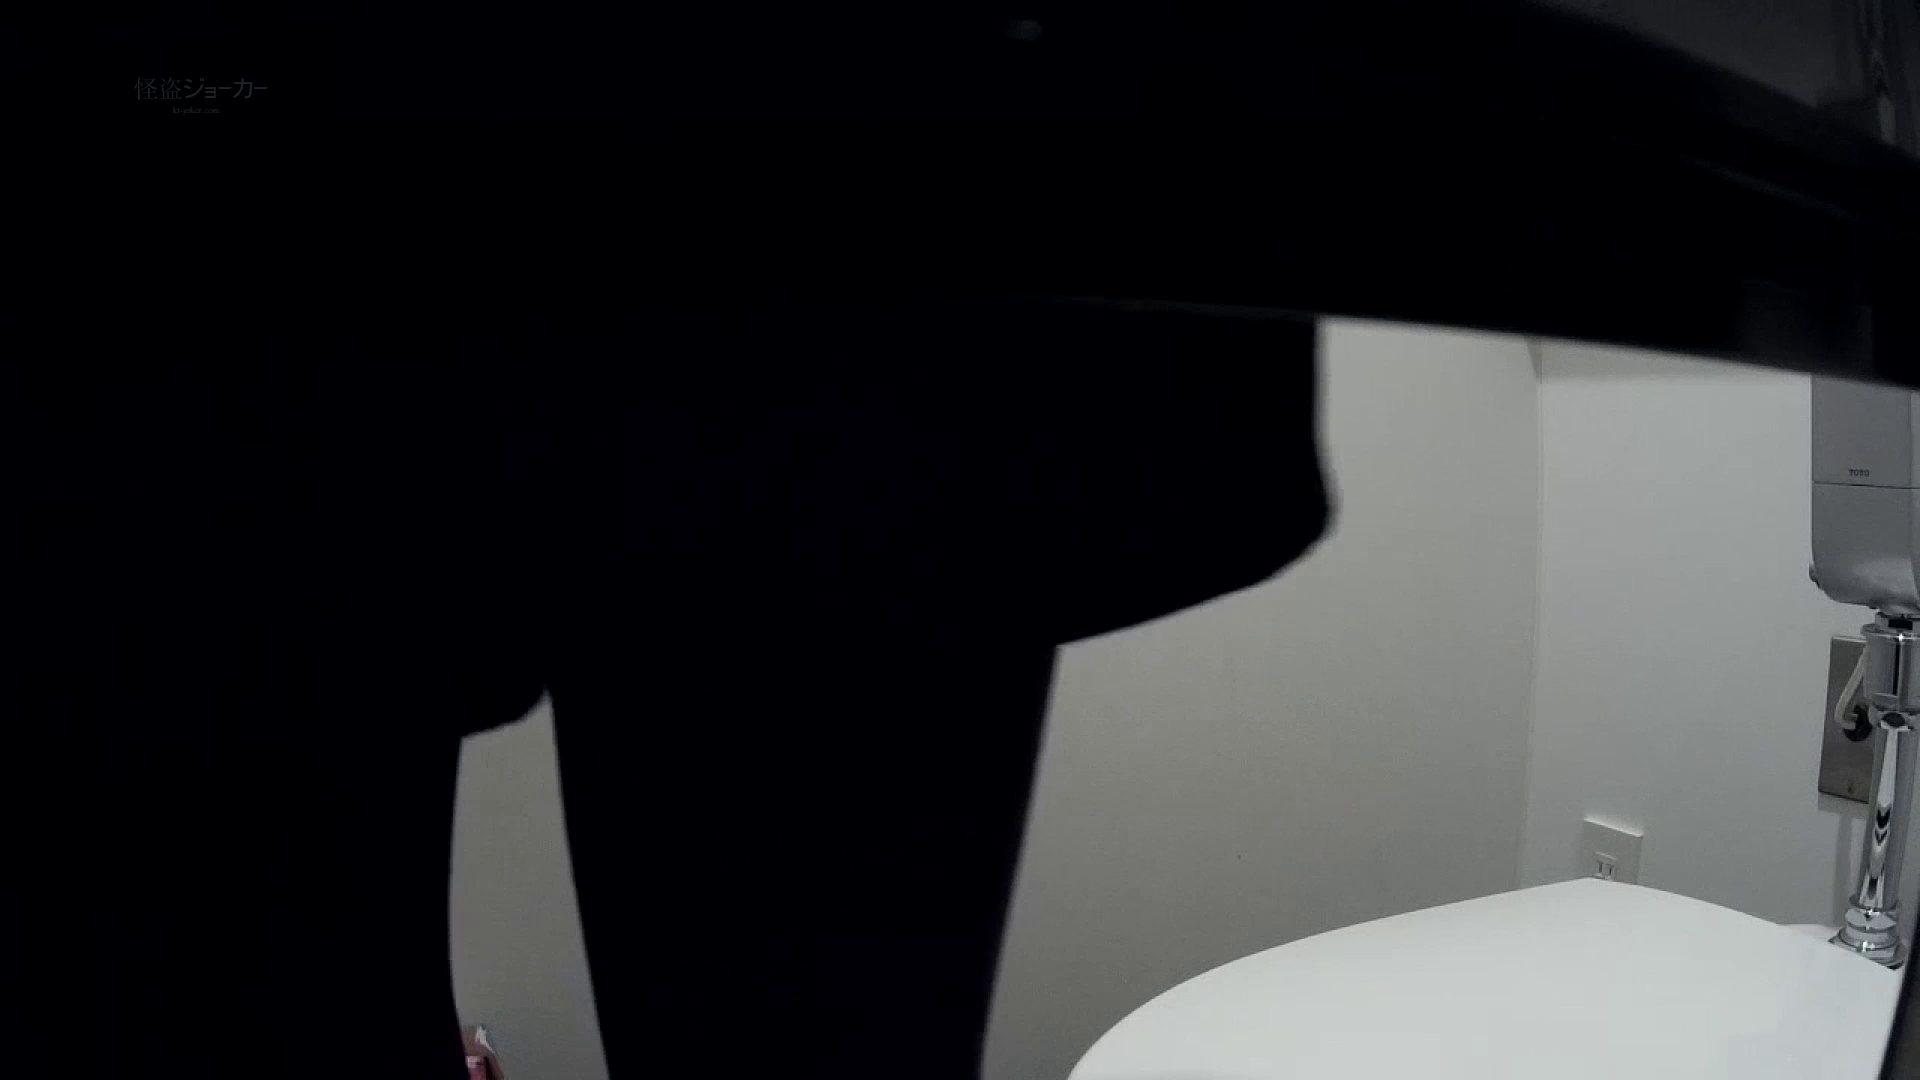 有名大学女性洗面所 vol.54 設置撮影最高峰!! 3視点でじっくり観察 丸見えマンコ   潜入  90画像 70